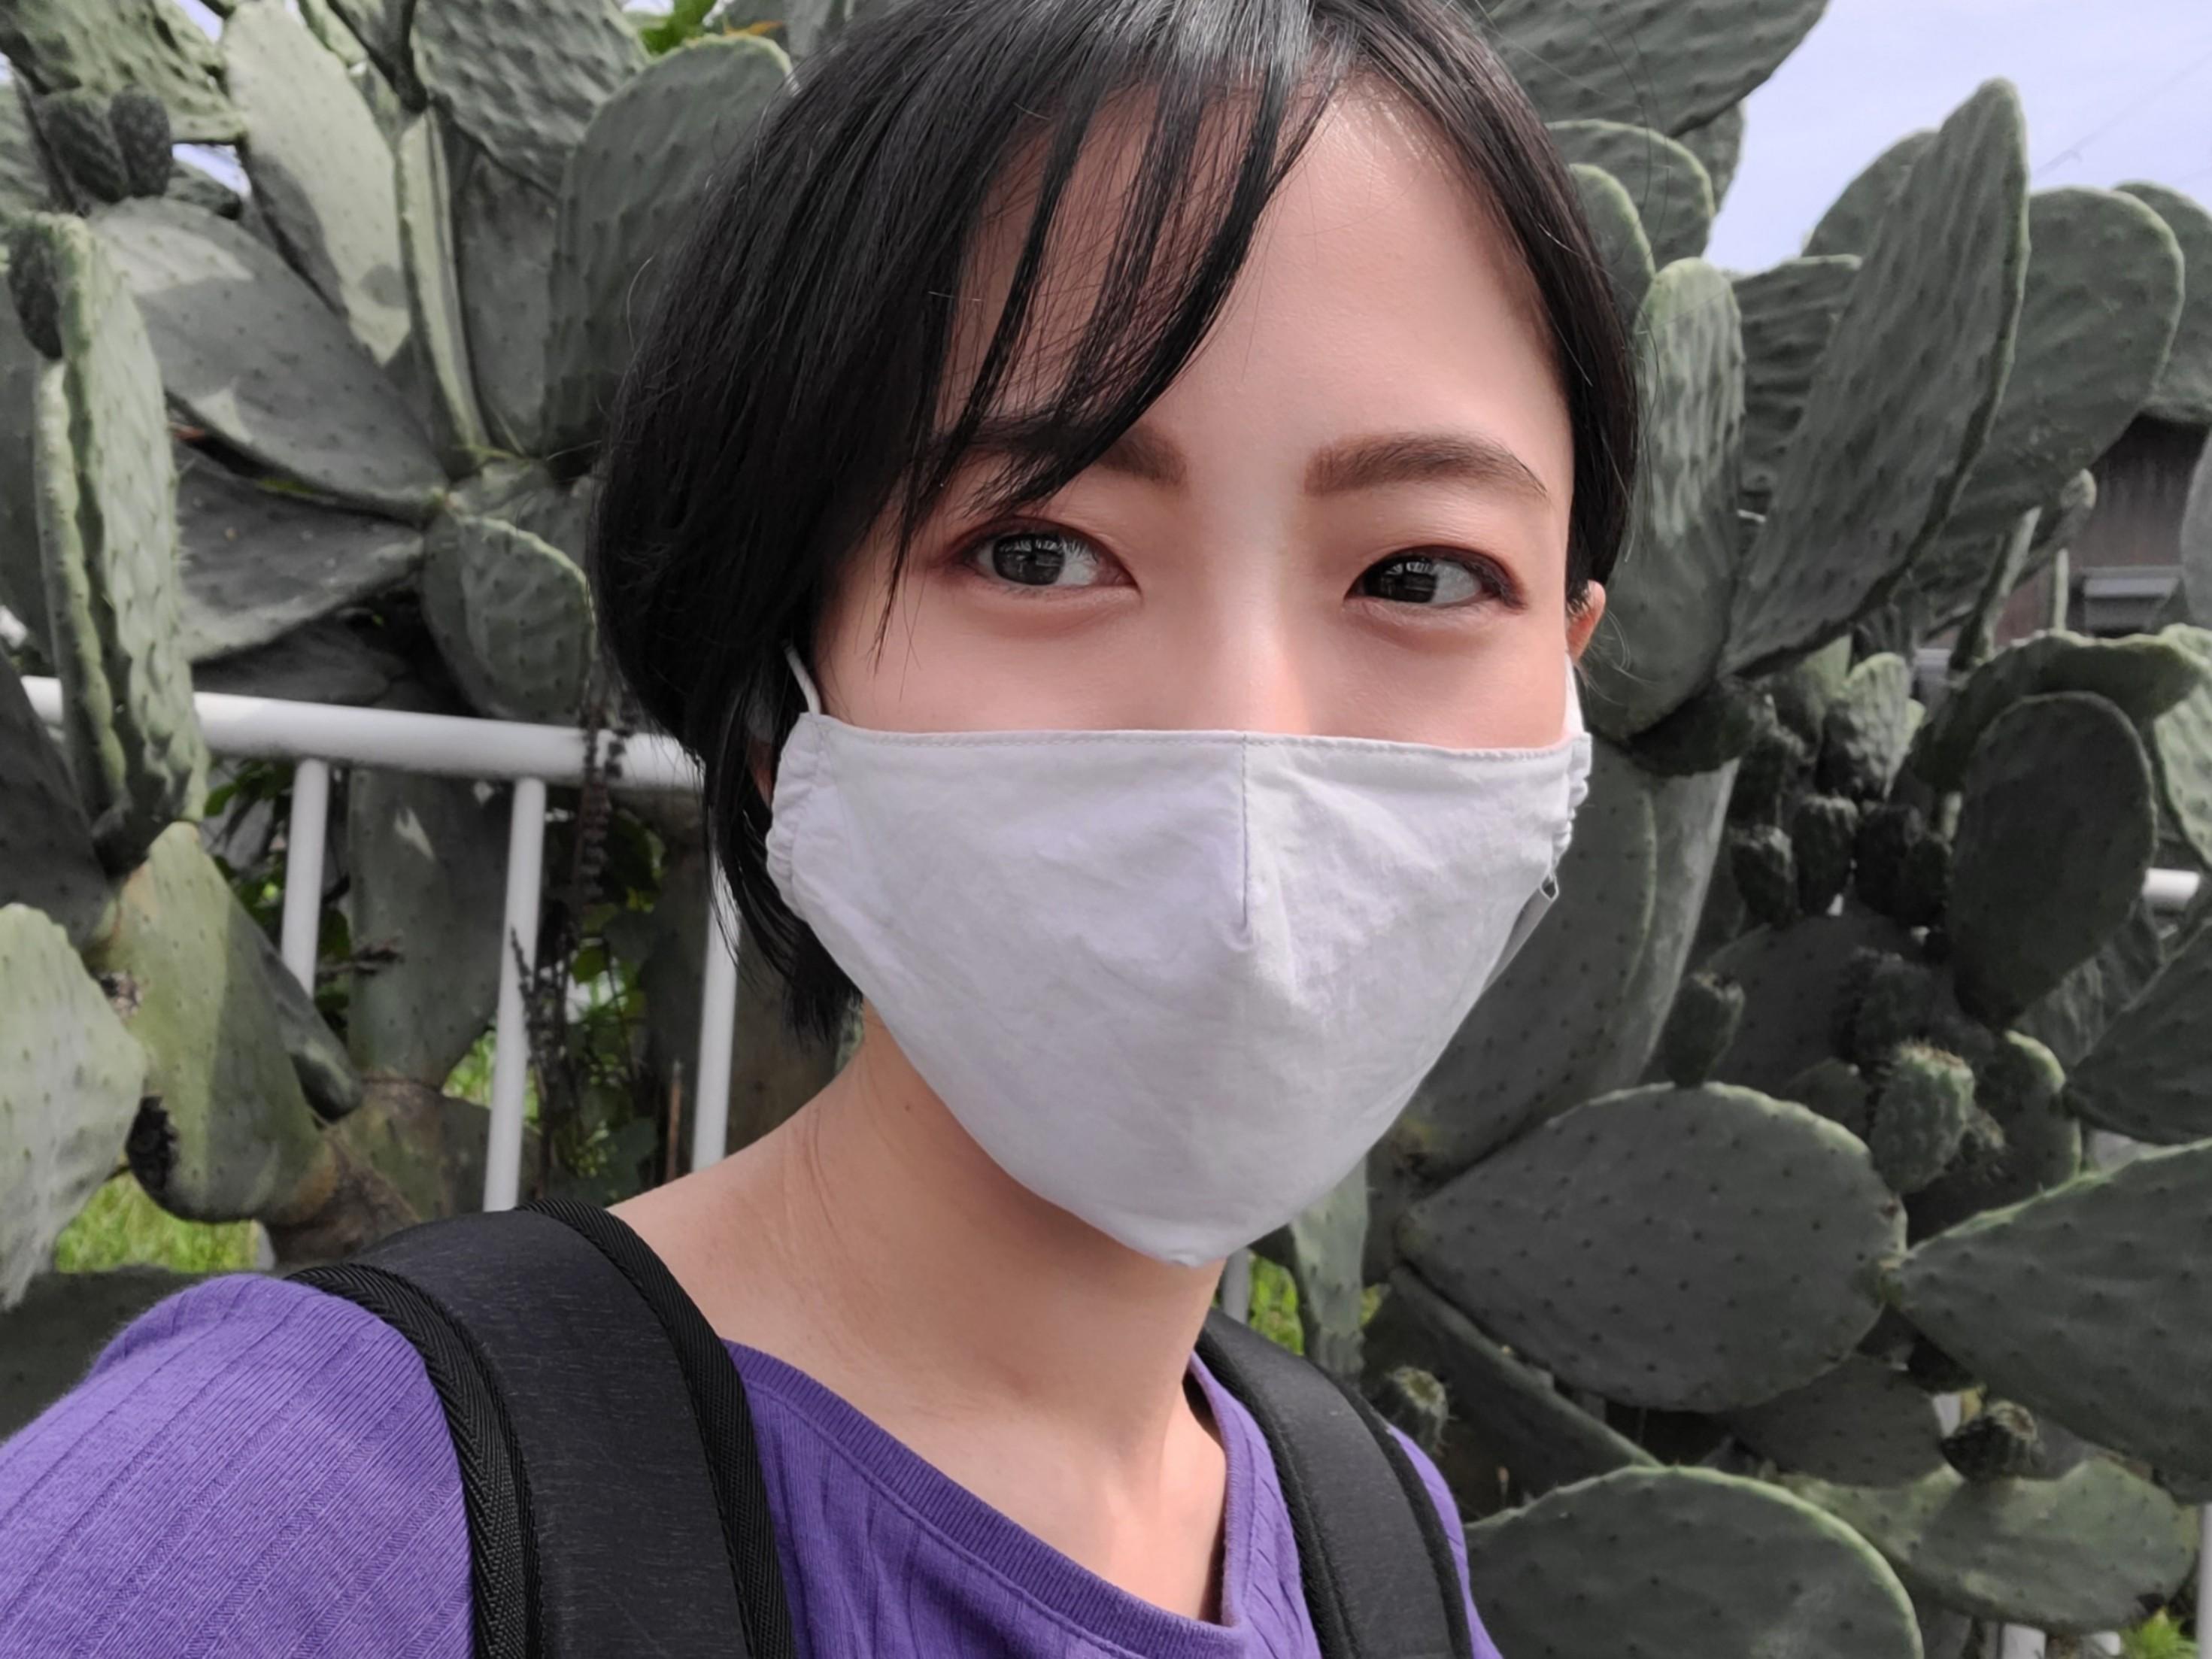 【マスクメイク】目指せ!マスク美人❤️休みの日とお仕事の日の2Days_4